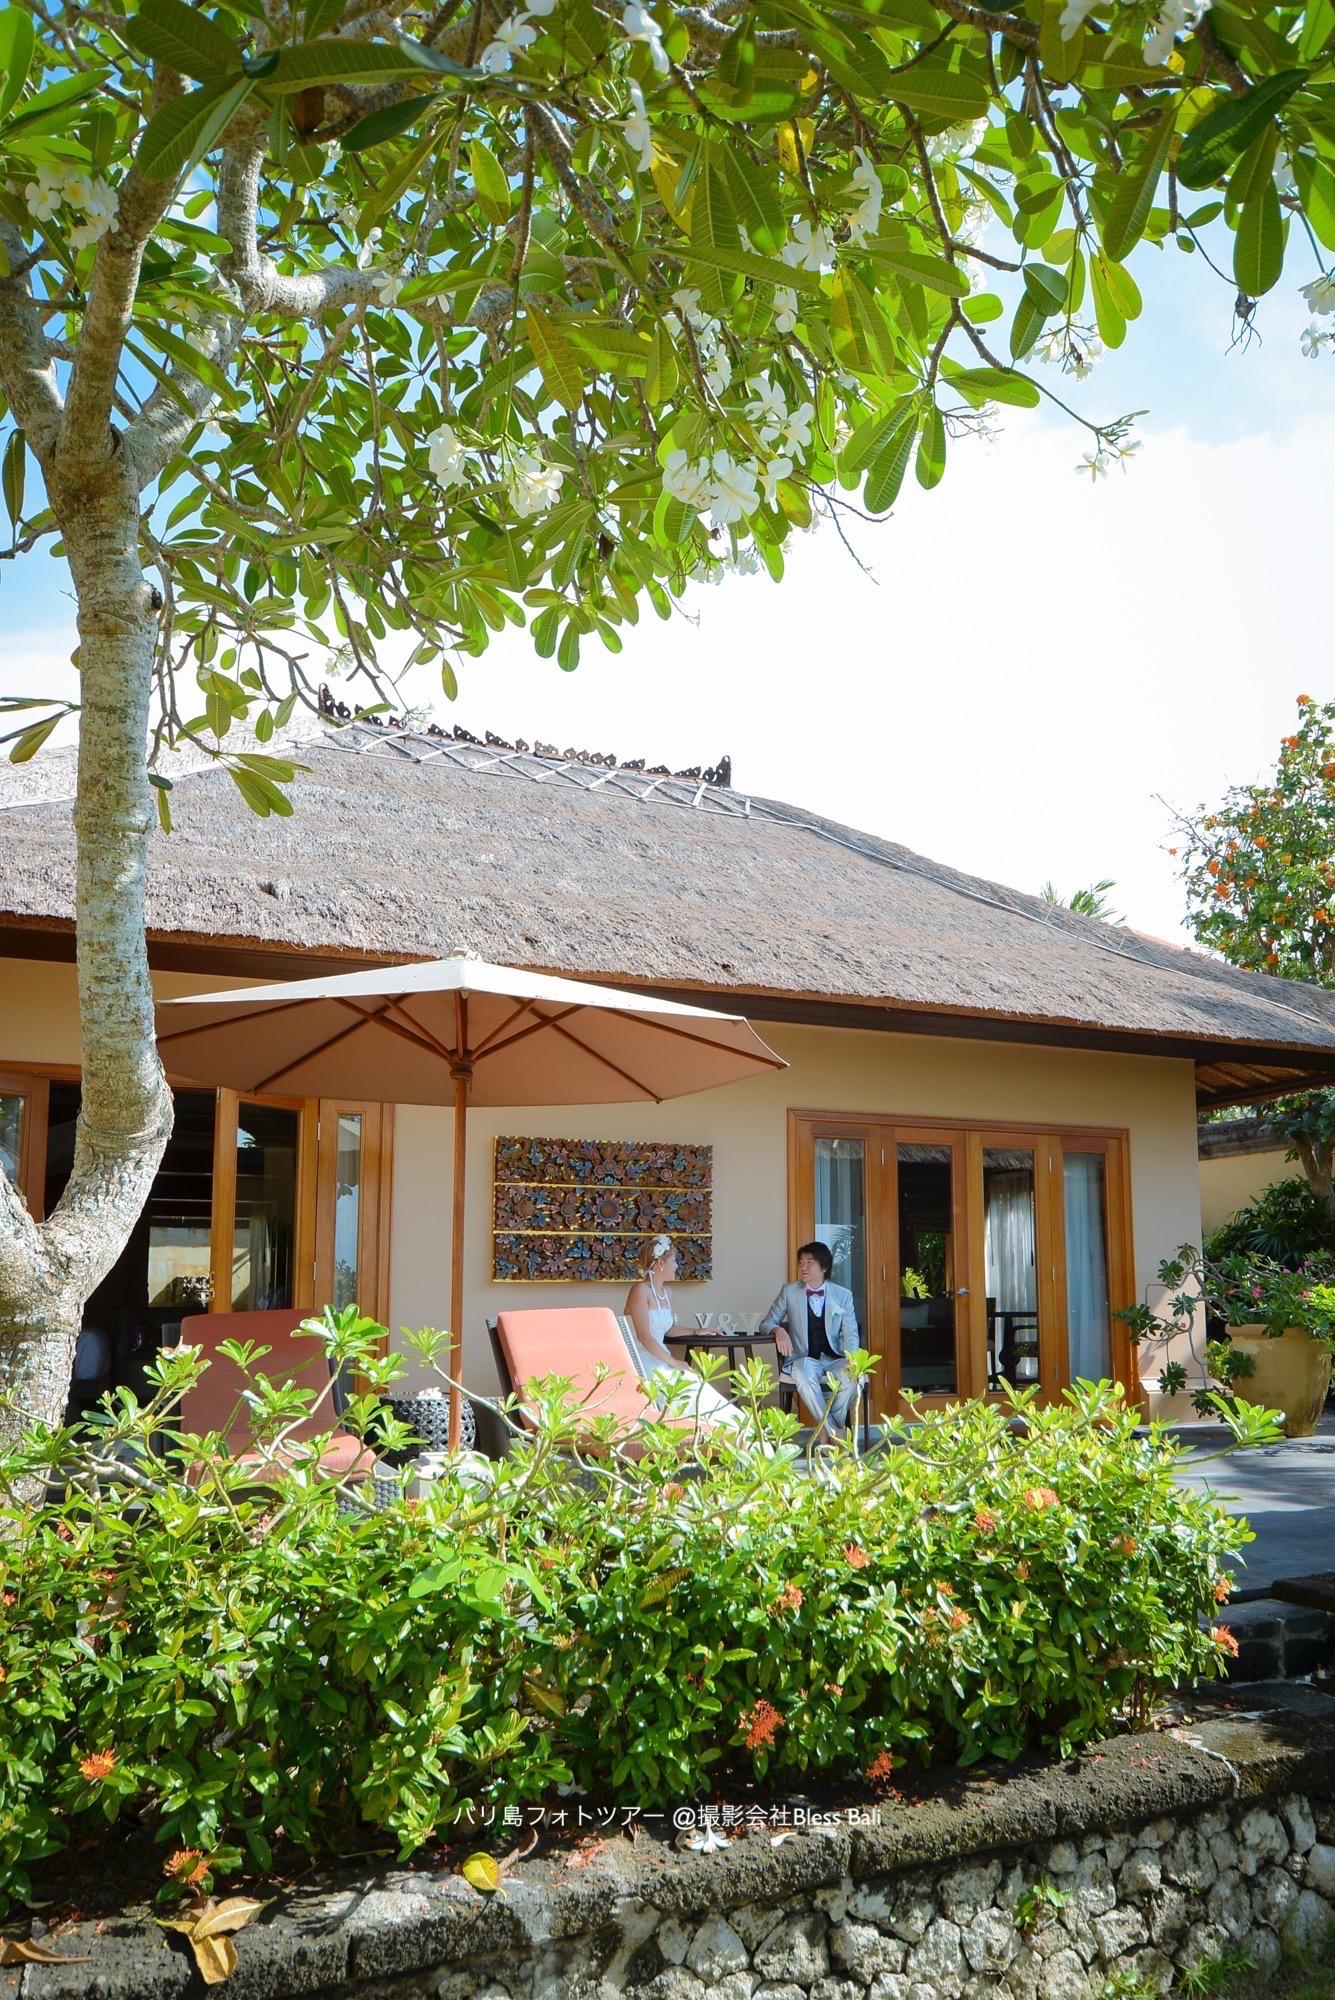 ハネムーナーに人気のアヤナヴィラにご滞在